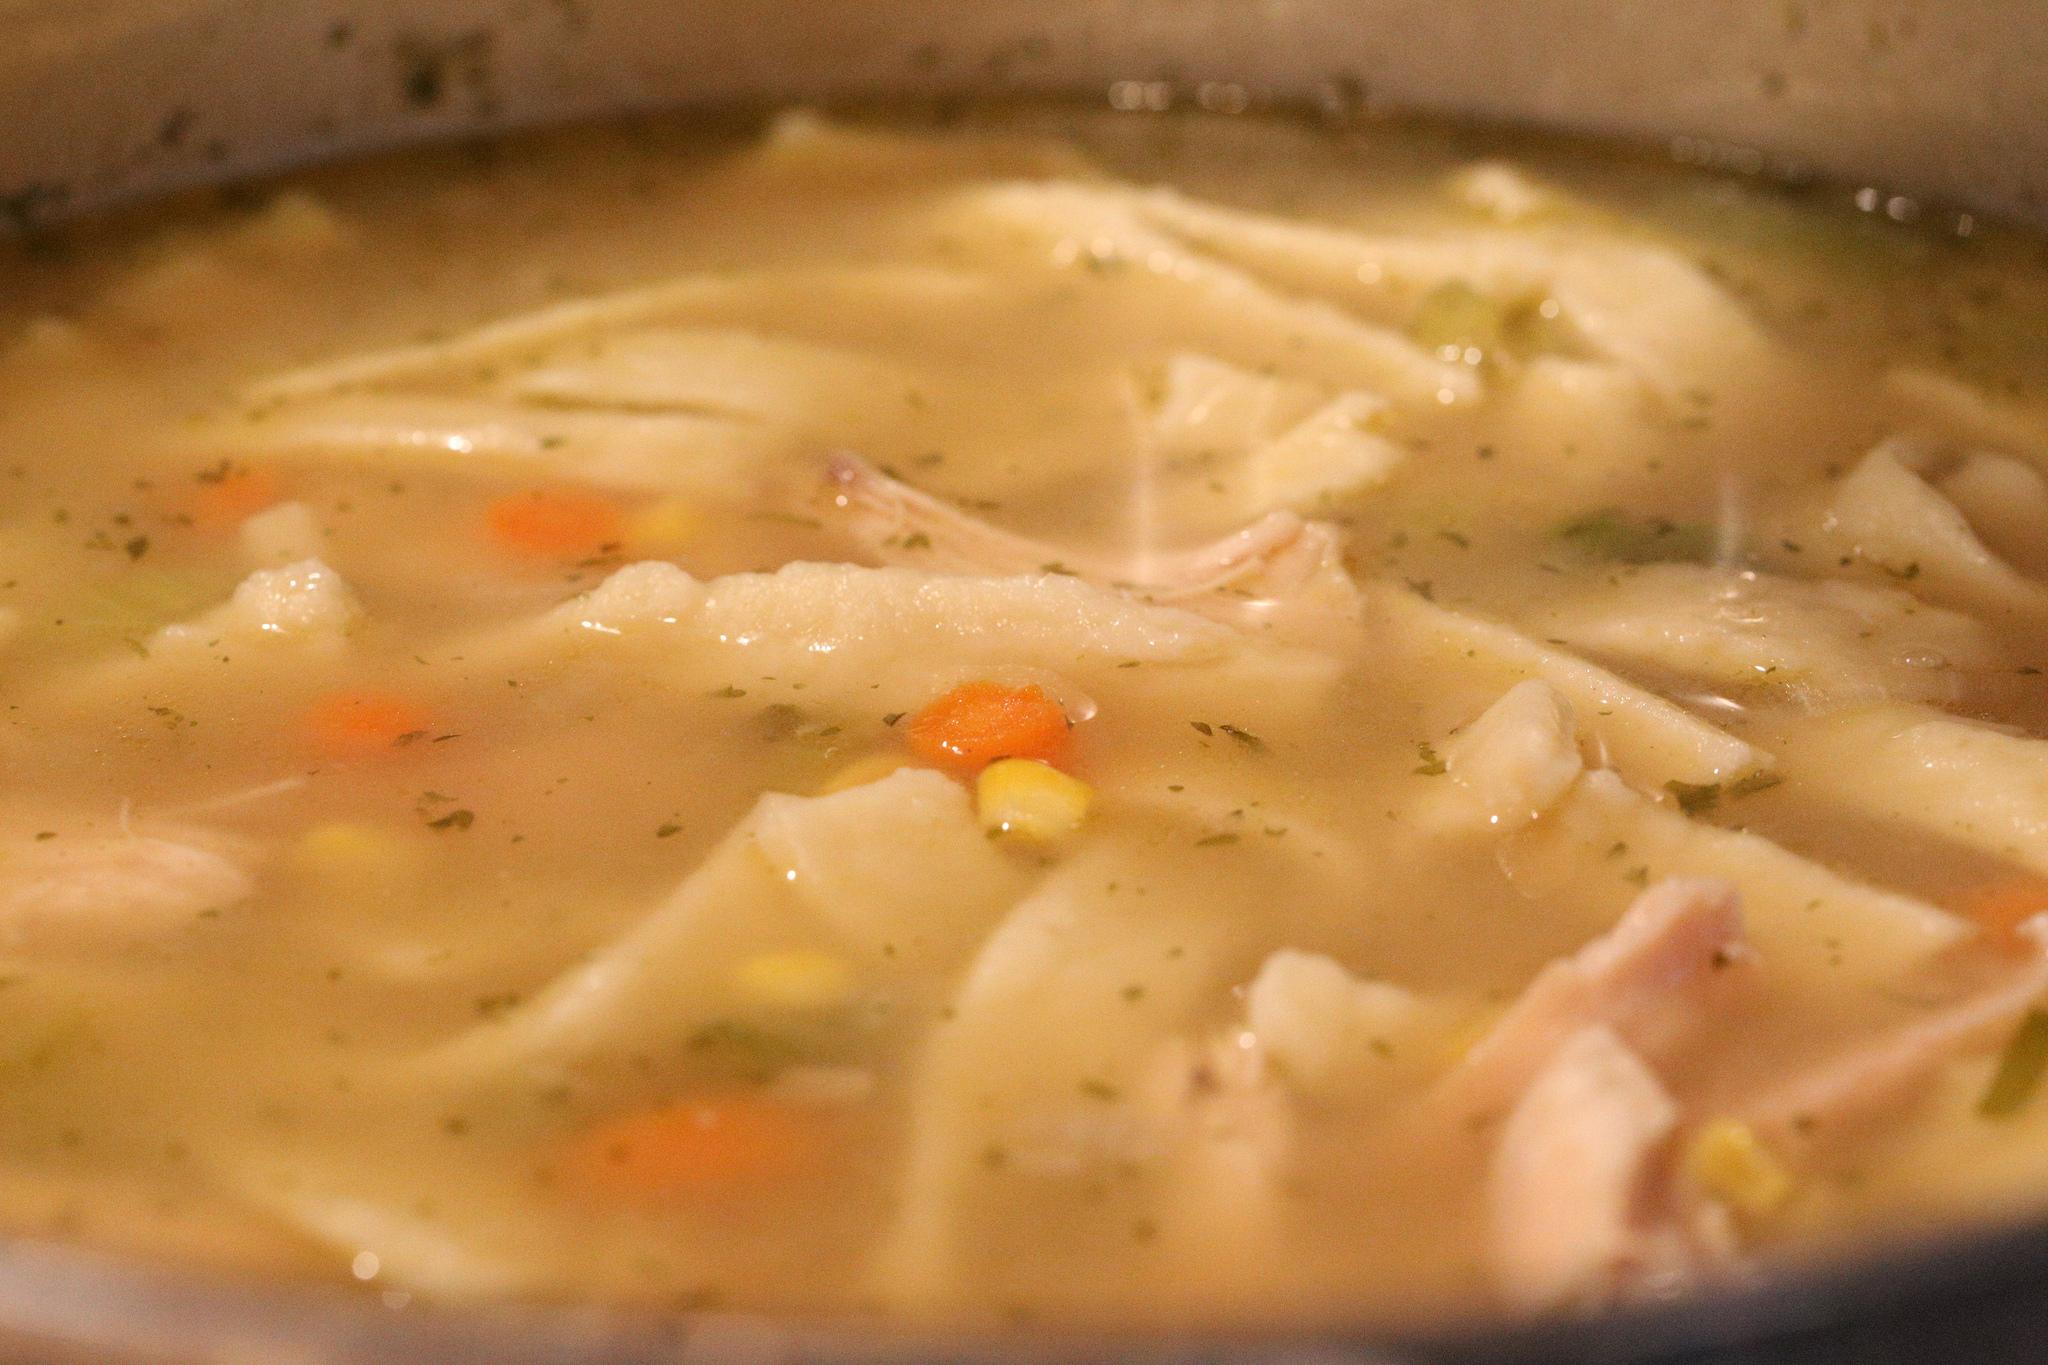 Chicken Noodle Soup | © Carol VanHook/Flickr